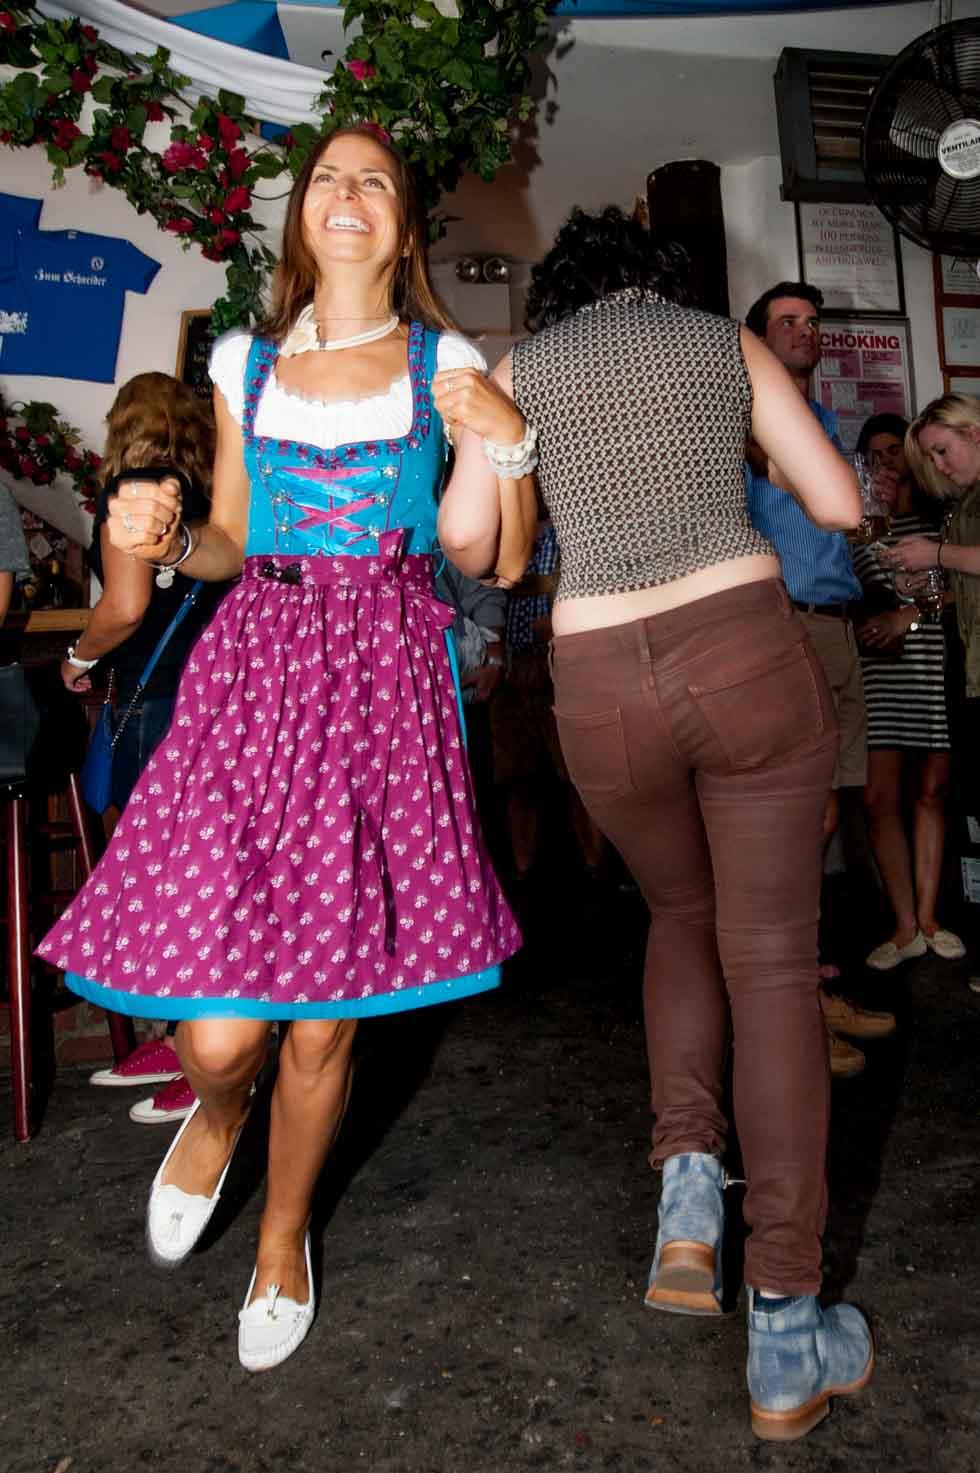 zum-schneider-nyc-2015-oktoberfest-8975.jpg